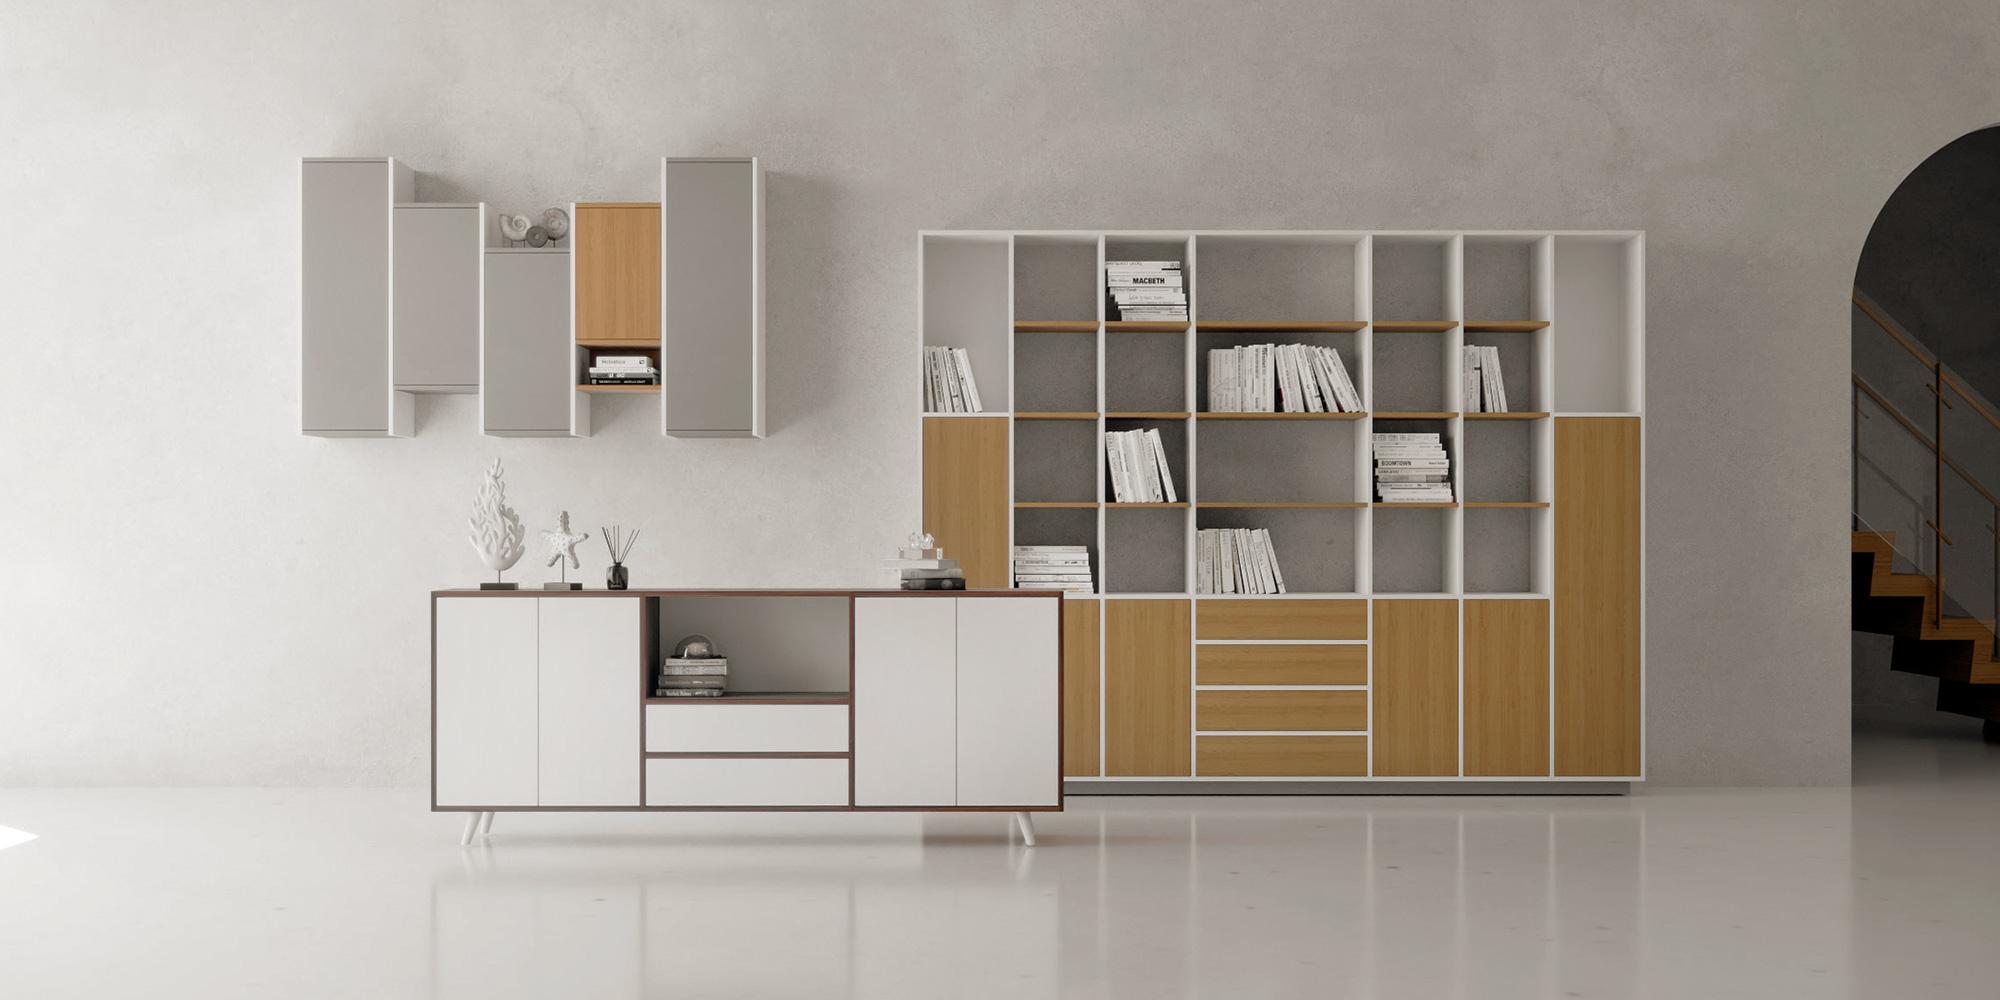 sideboard, hanging shelf and wall shelf